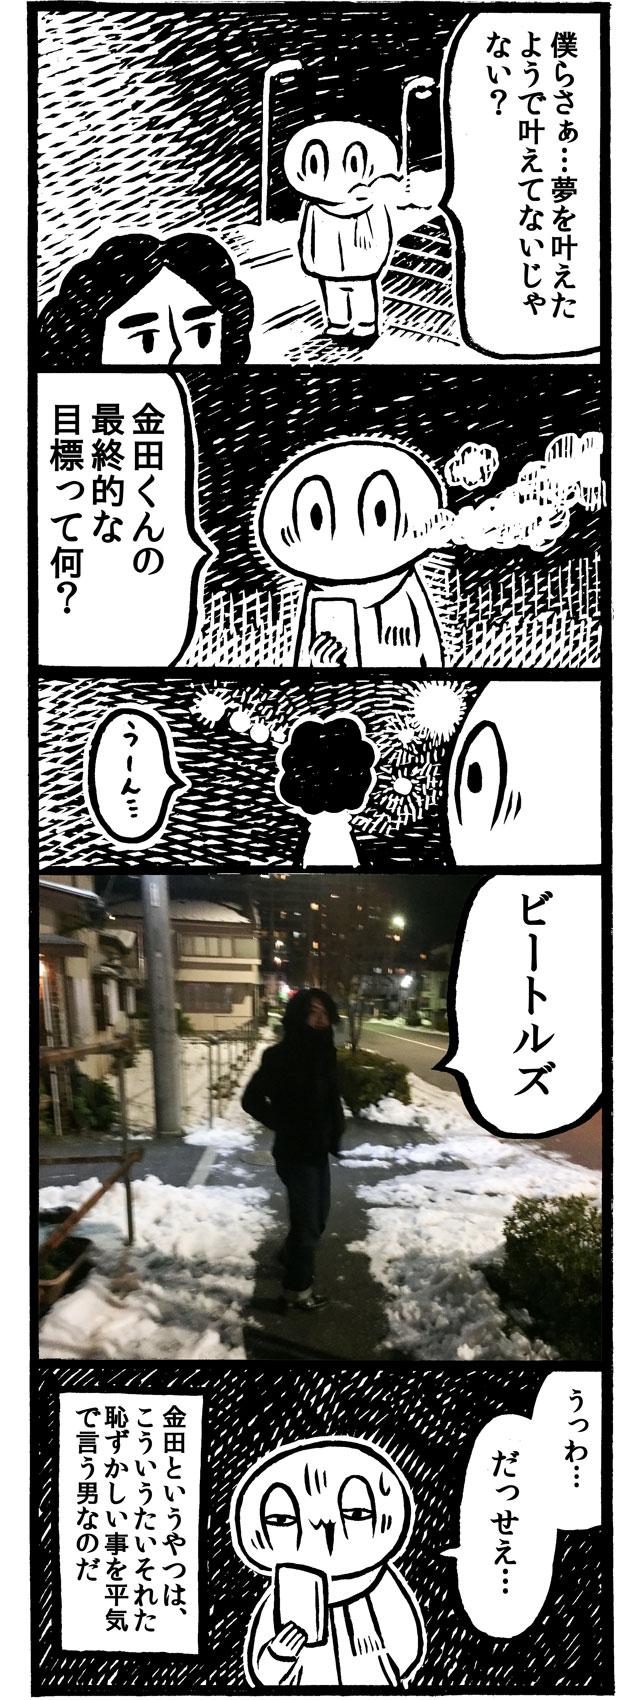 f:id:kakijiro:20160208133354j:plain